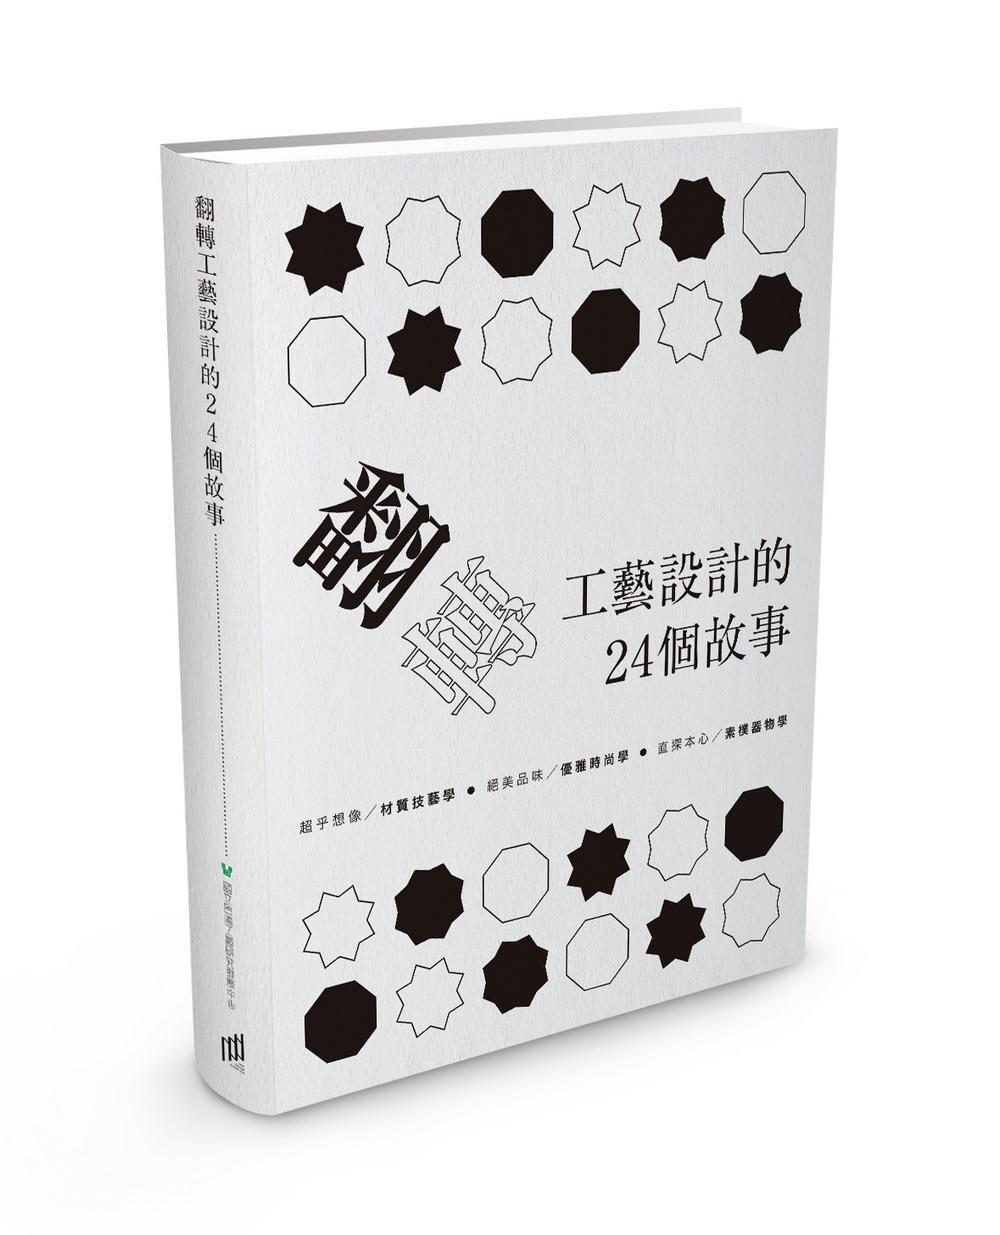 翻轉工藝設計的24個故事 / 胡佑宗 總編;陳國政 主編 / ISBN:9789860507256 / 20161220